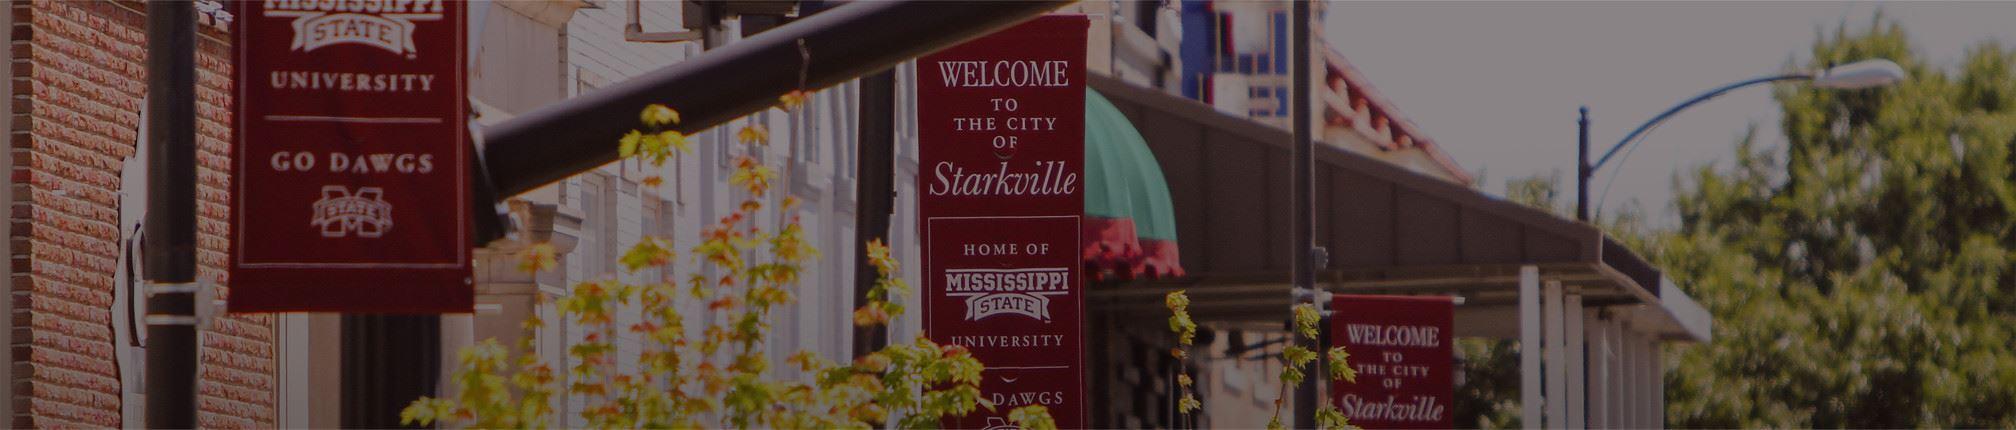 Starkville ms escorts